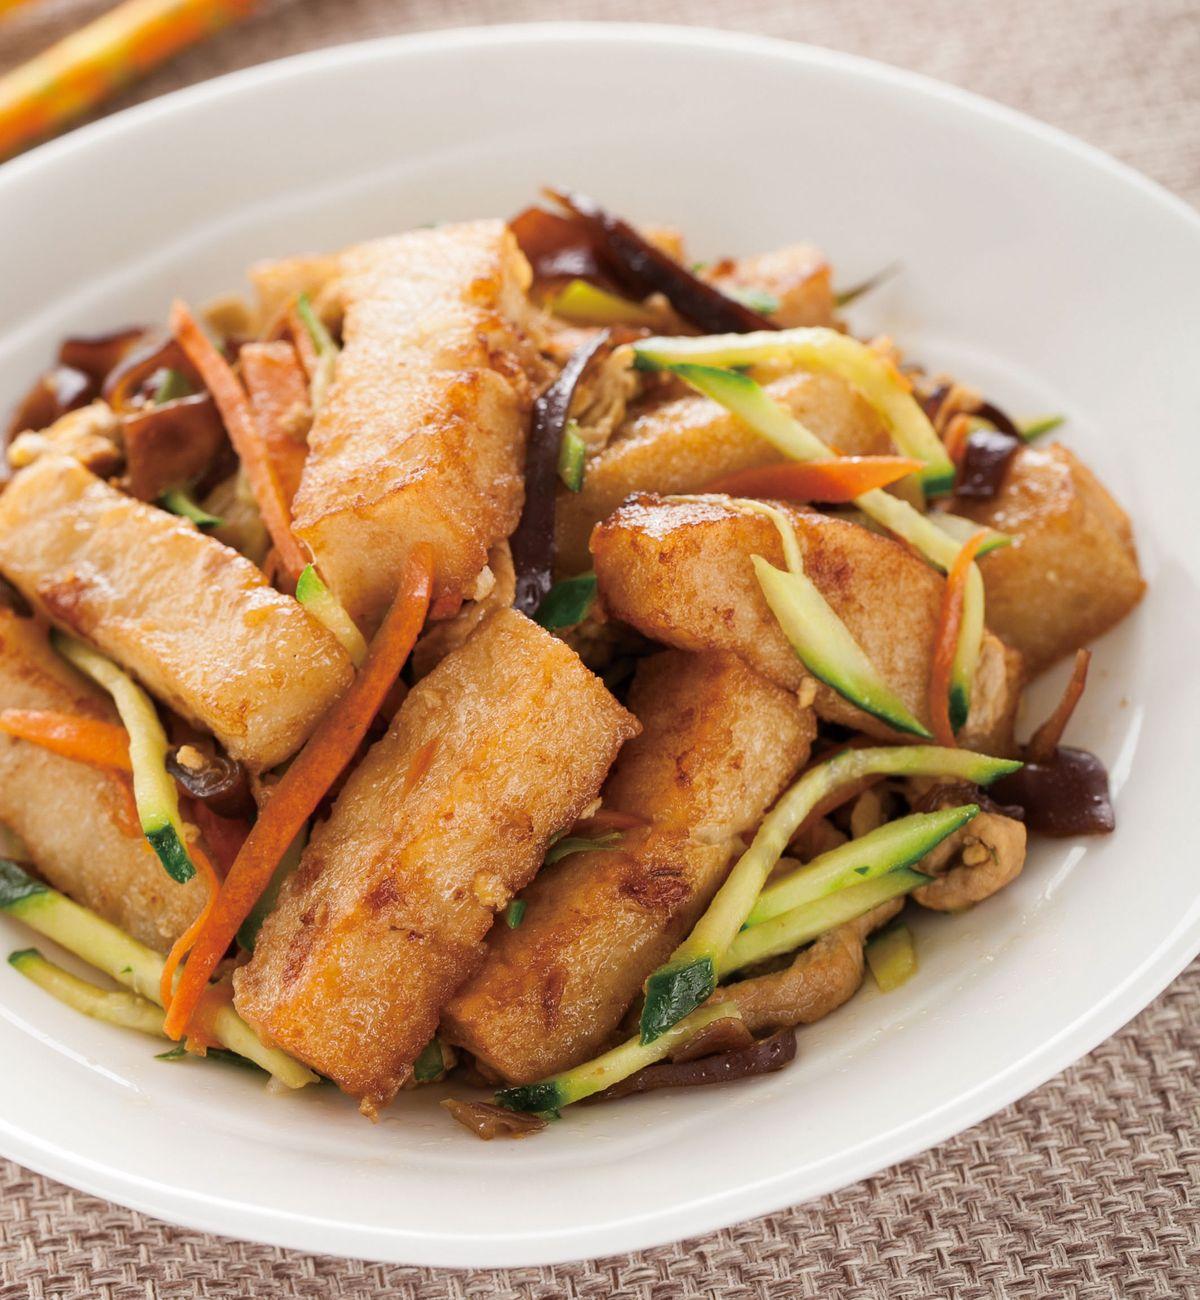 食譜:木須蘿蔔糕